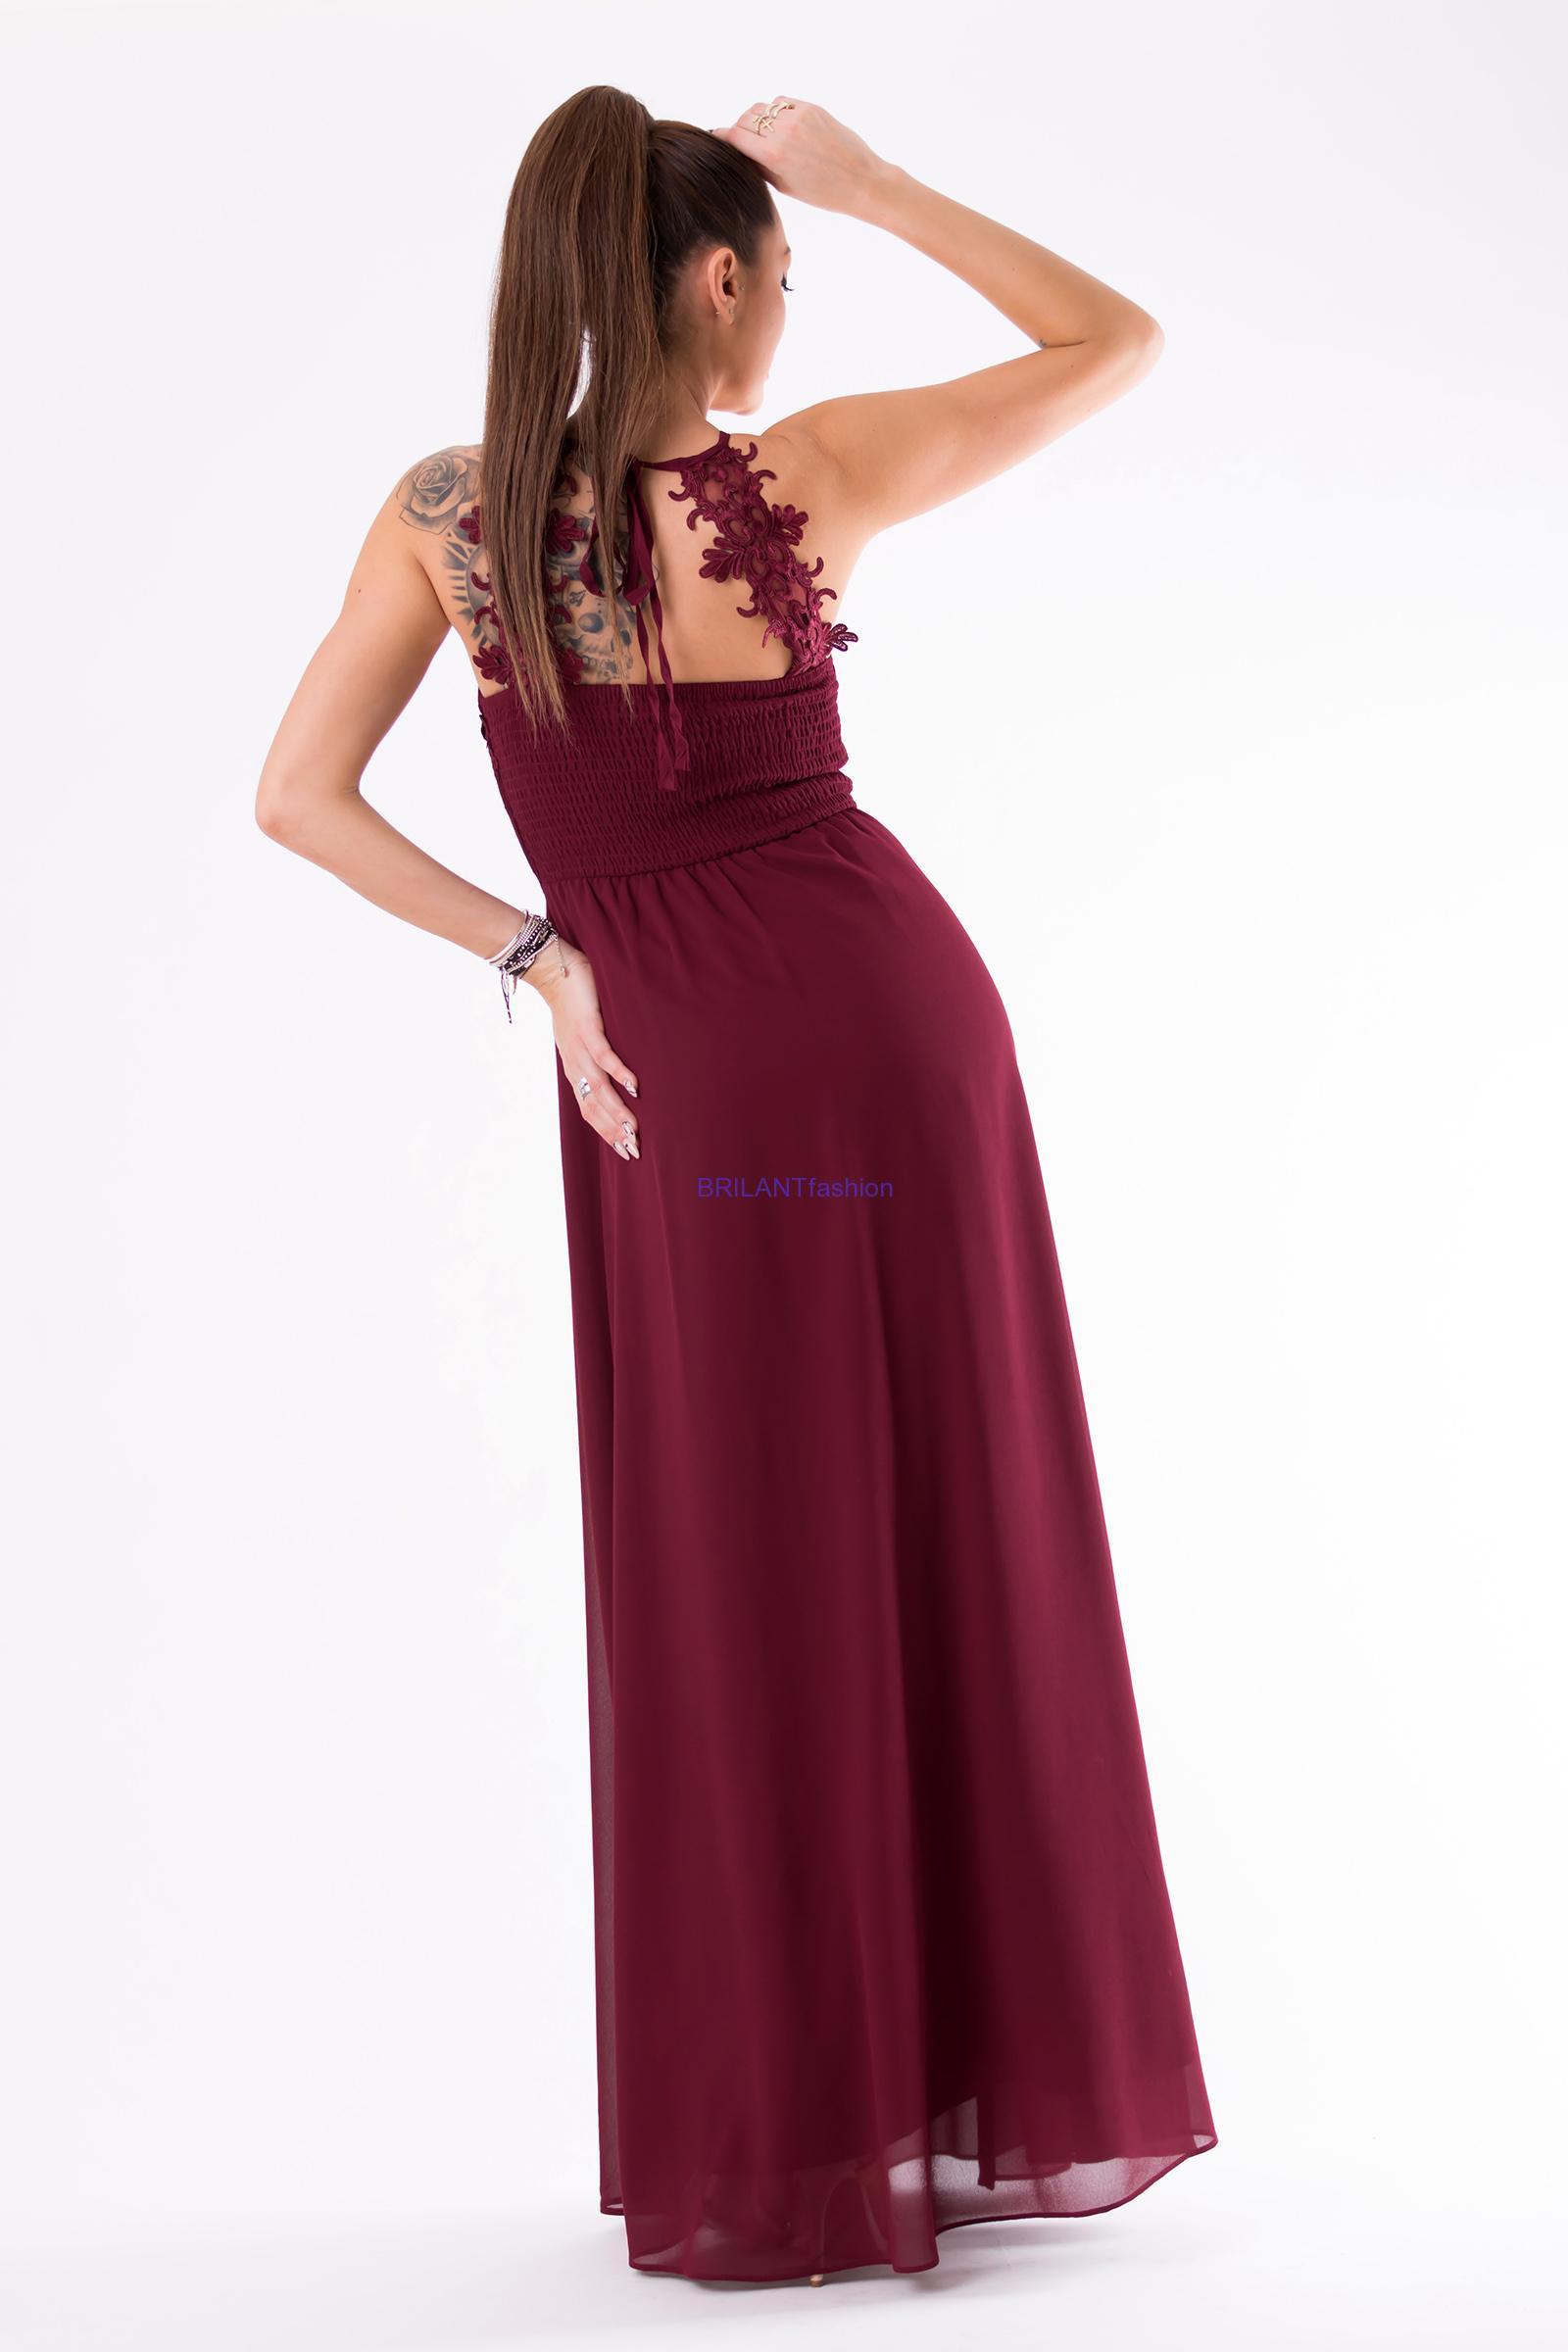 Kompletné špecifikácie · Na stiahnutie · Súvisiaci tovar. Dámské luxusní  společenské šaty ... 7ba6d42019